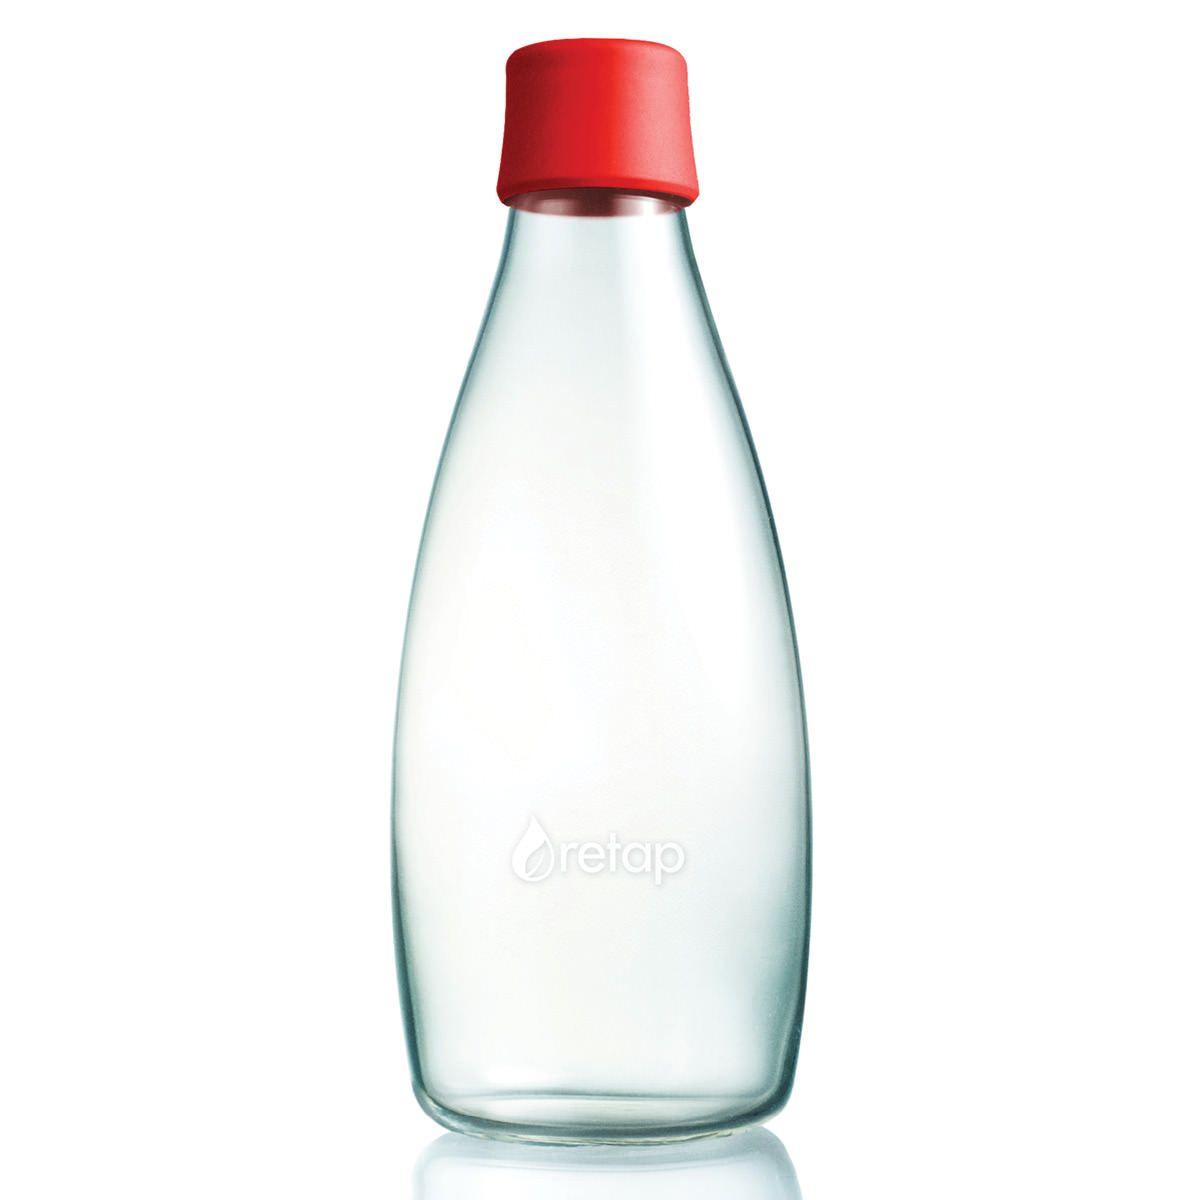 Retap Trinkflasche 0,8l gelb